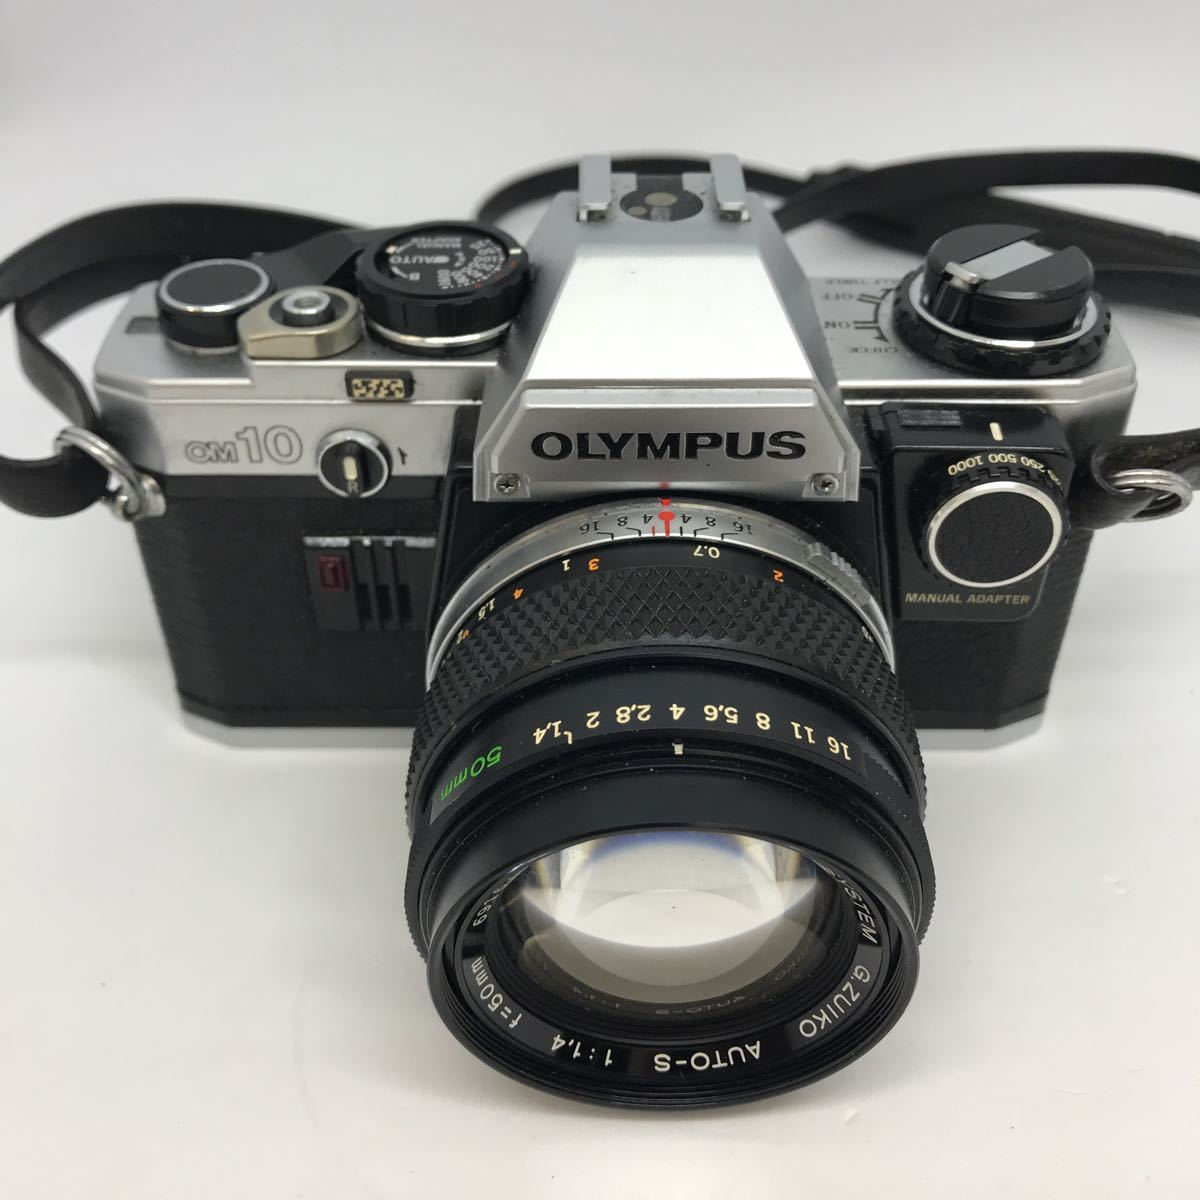 OLYMPUS オリンパス OM10 G.ZUIKO 1:1.4 50mm 一眼レフカメラ_画像2